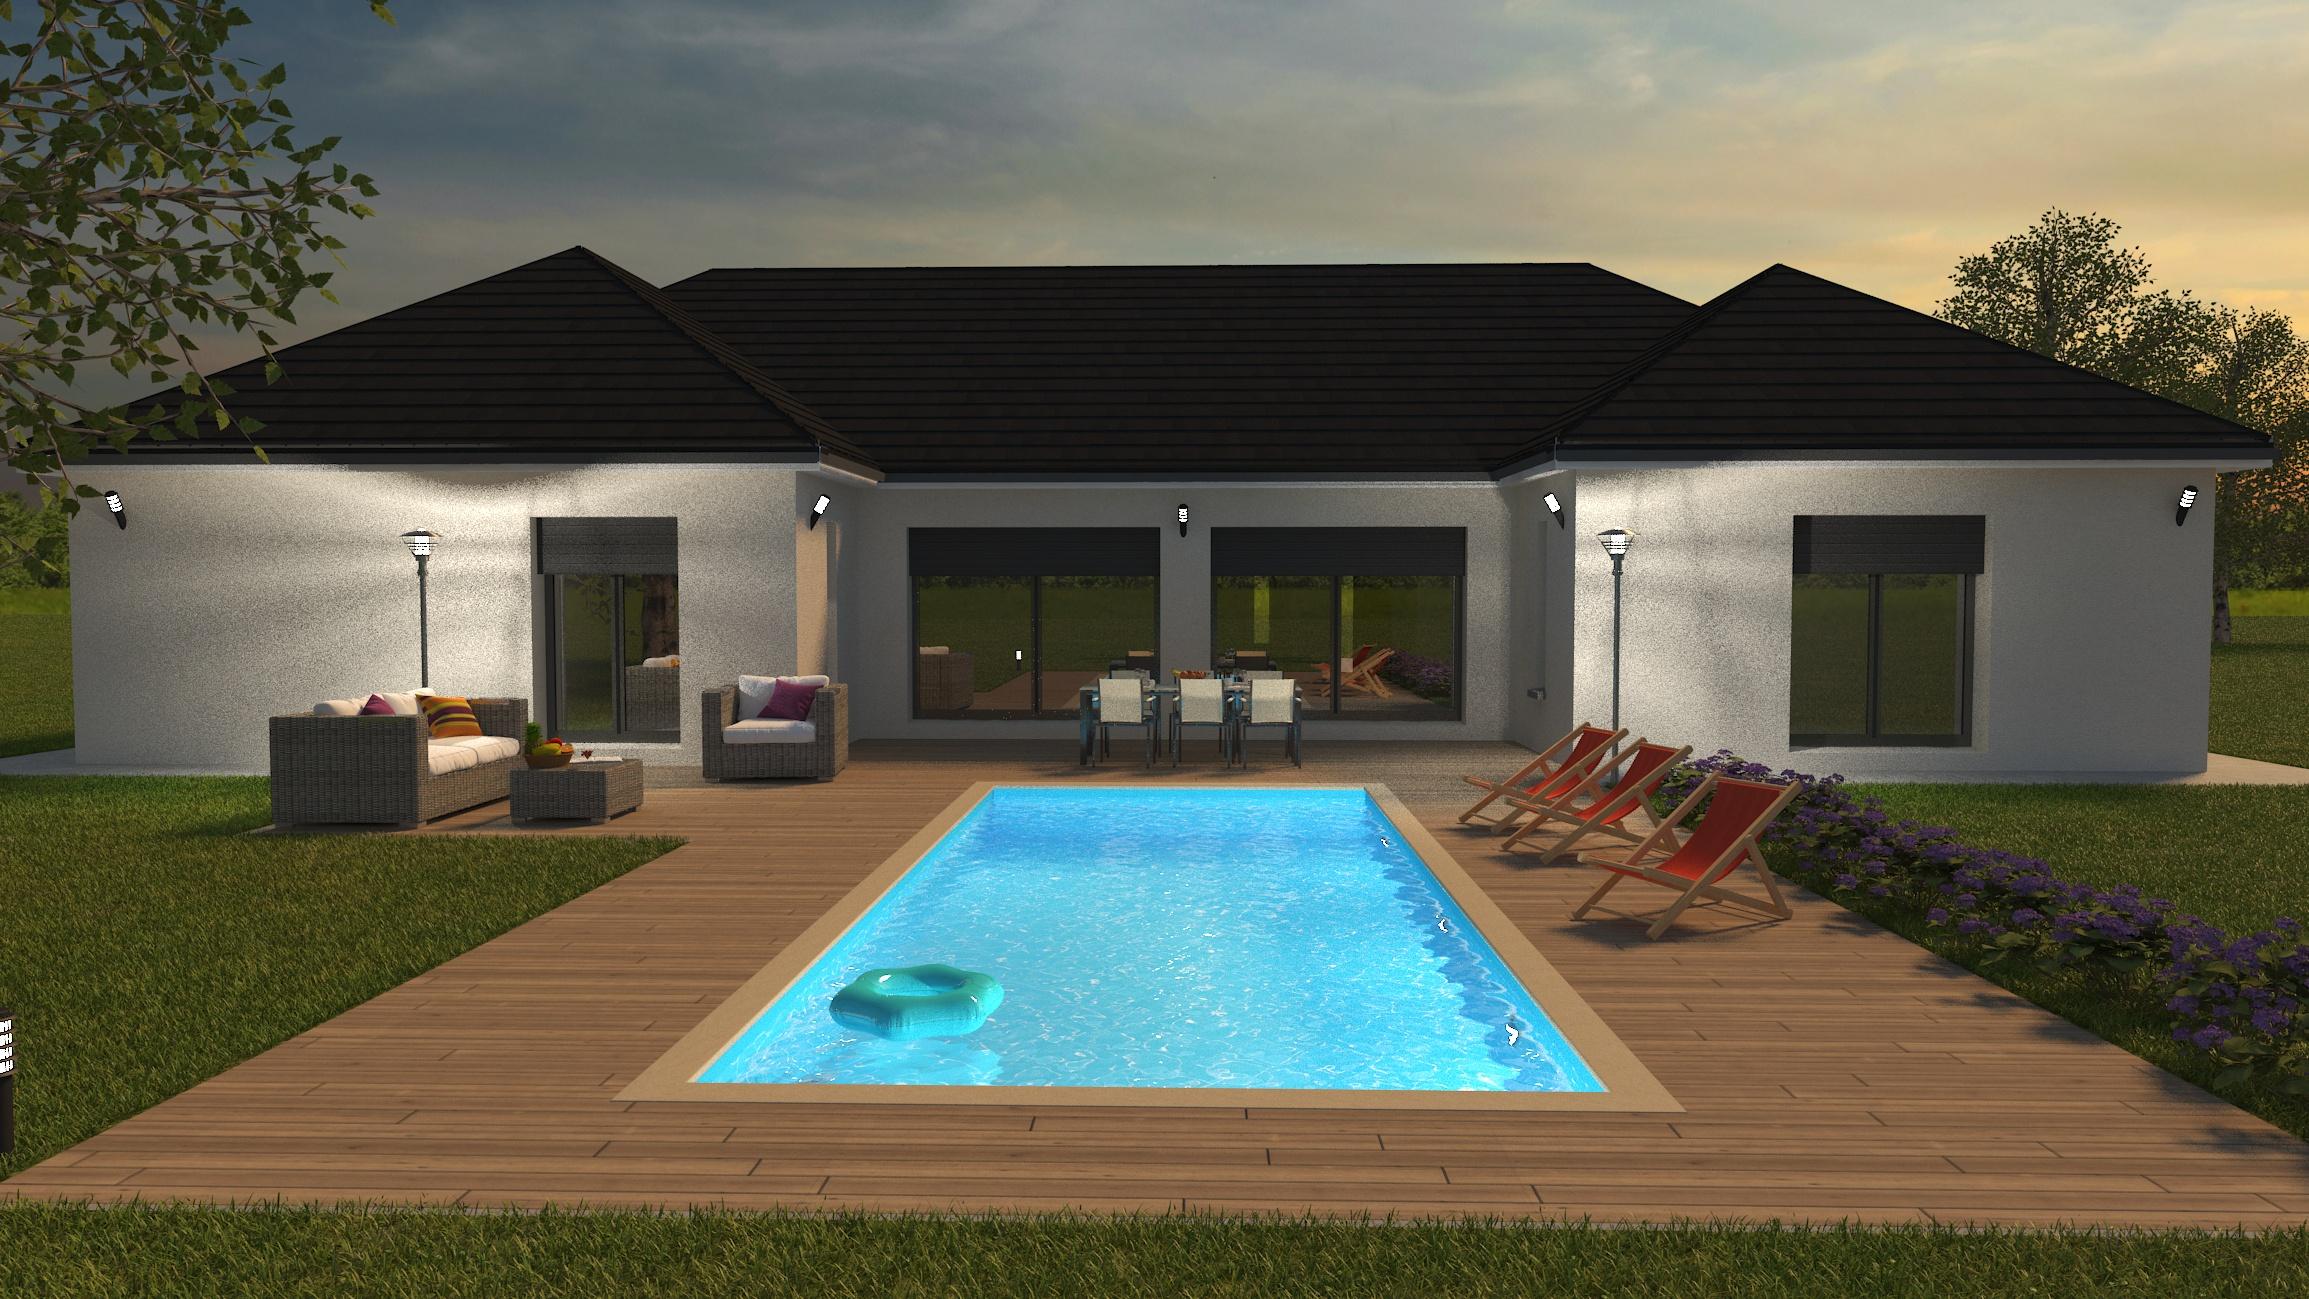 Bourgogne Bâtir constructeur de maison individuelle Chalon sur Saône coté piscine